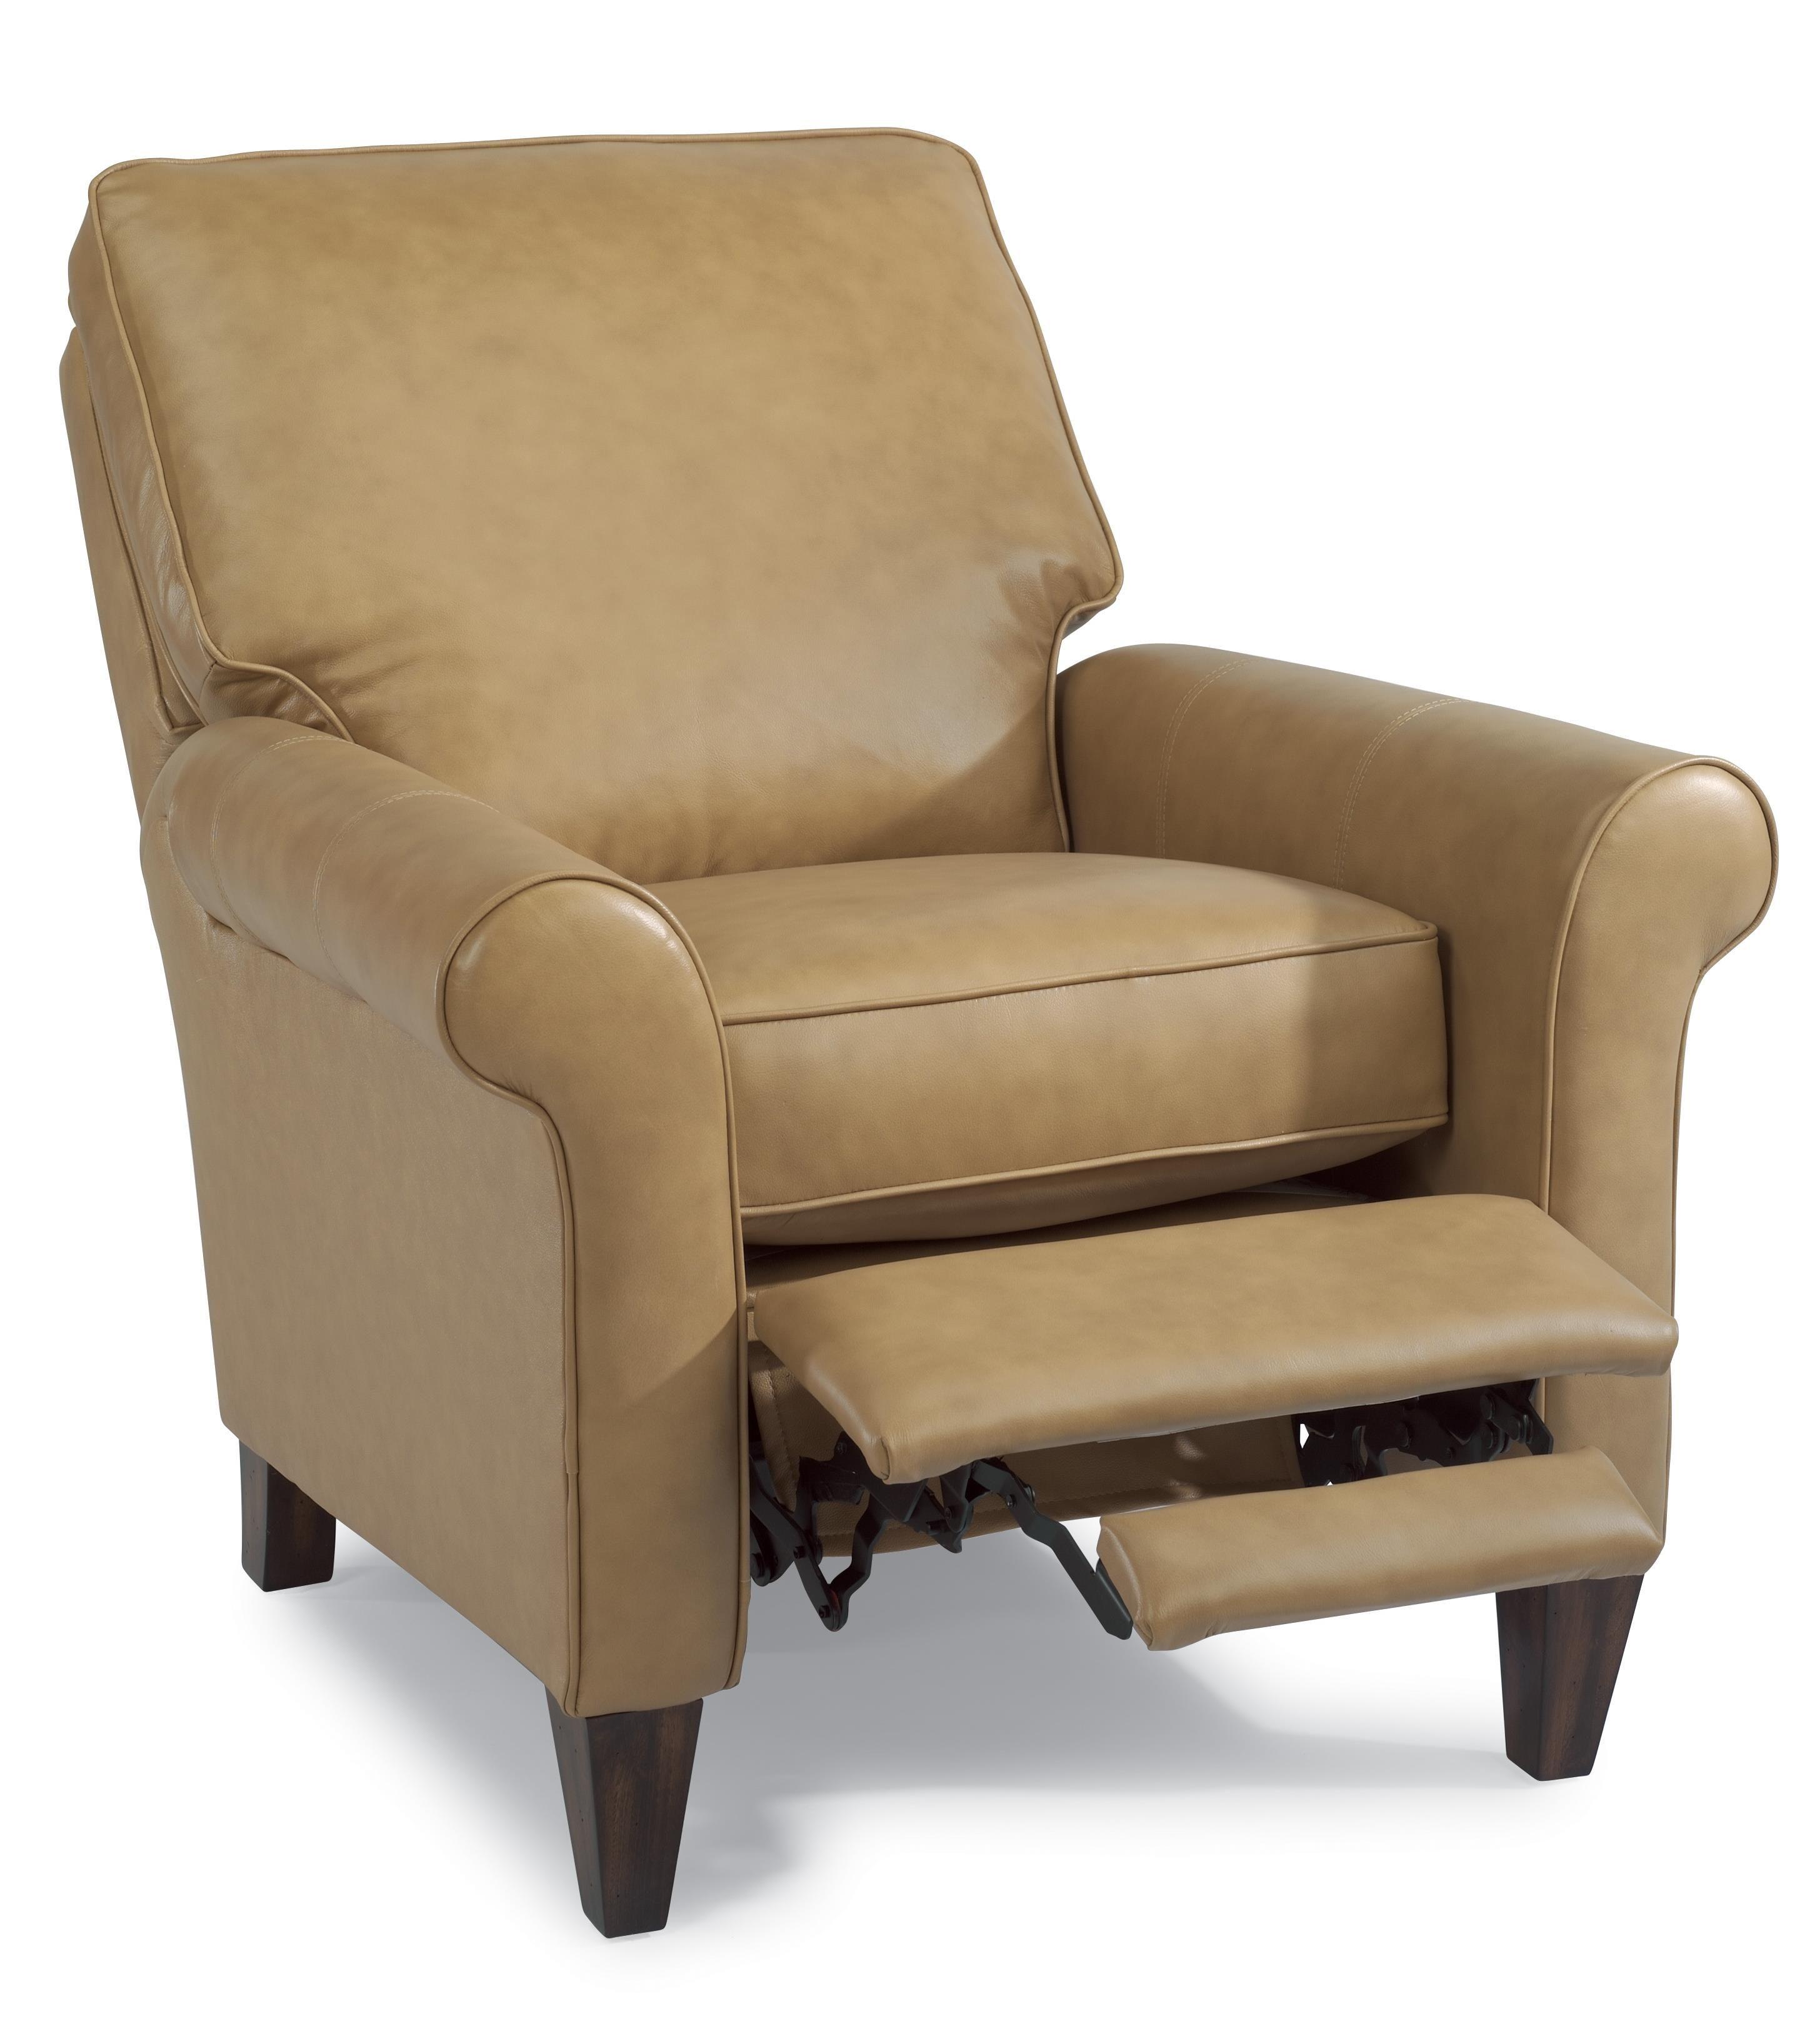 Westside Wall Recliner By Flexsteel High Leg Recliner Furniture Flexsteel Furniture